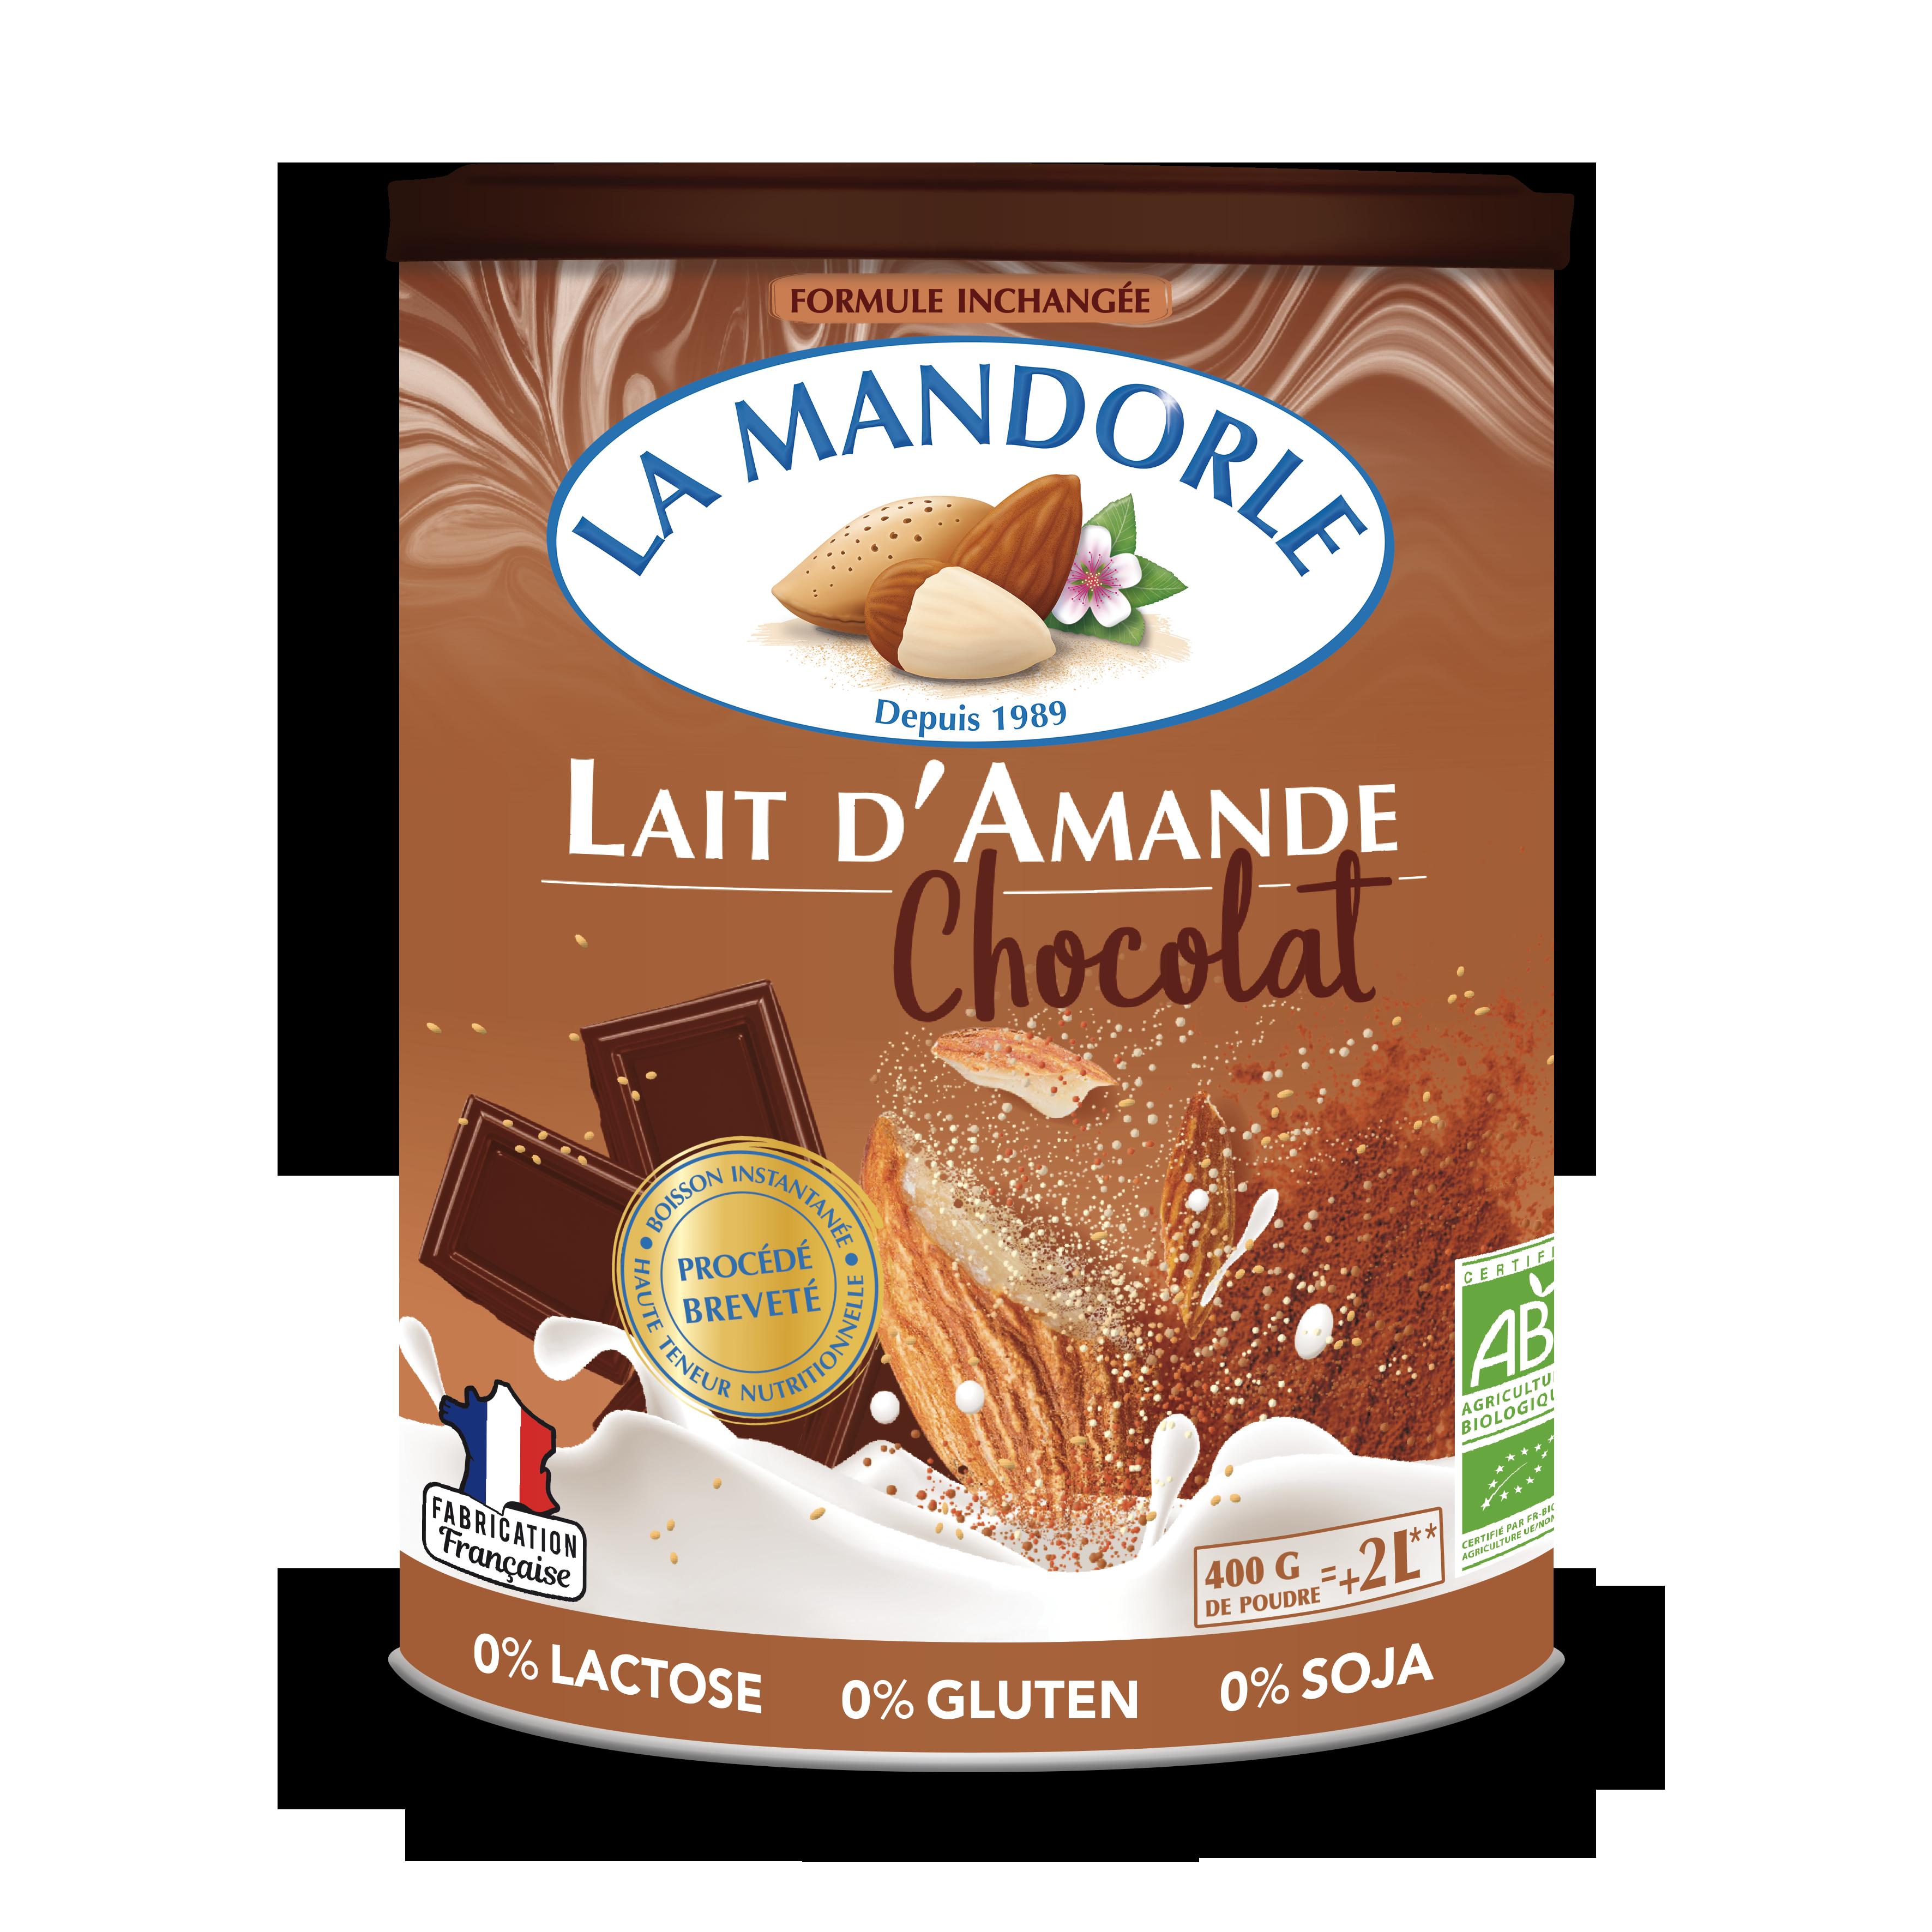 LM KKO 3D CAP MARRON HD - La Mandorle, des plaisirs santé, nutritifs et savoureux à tous les repas